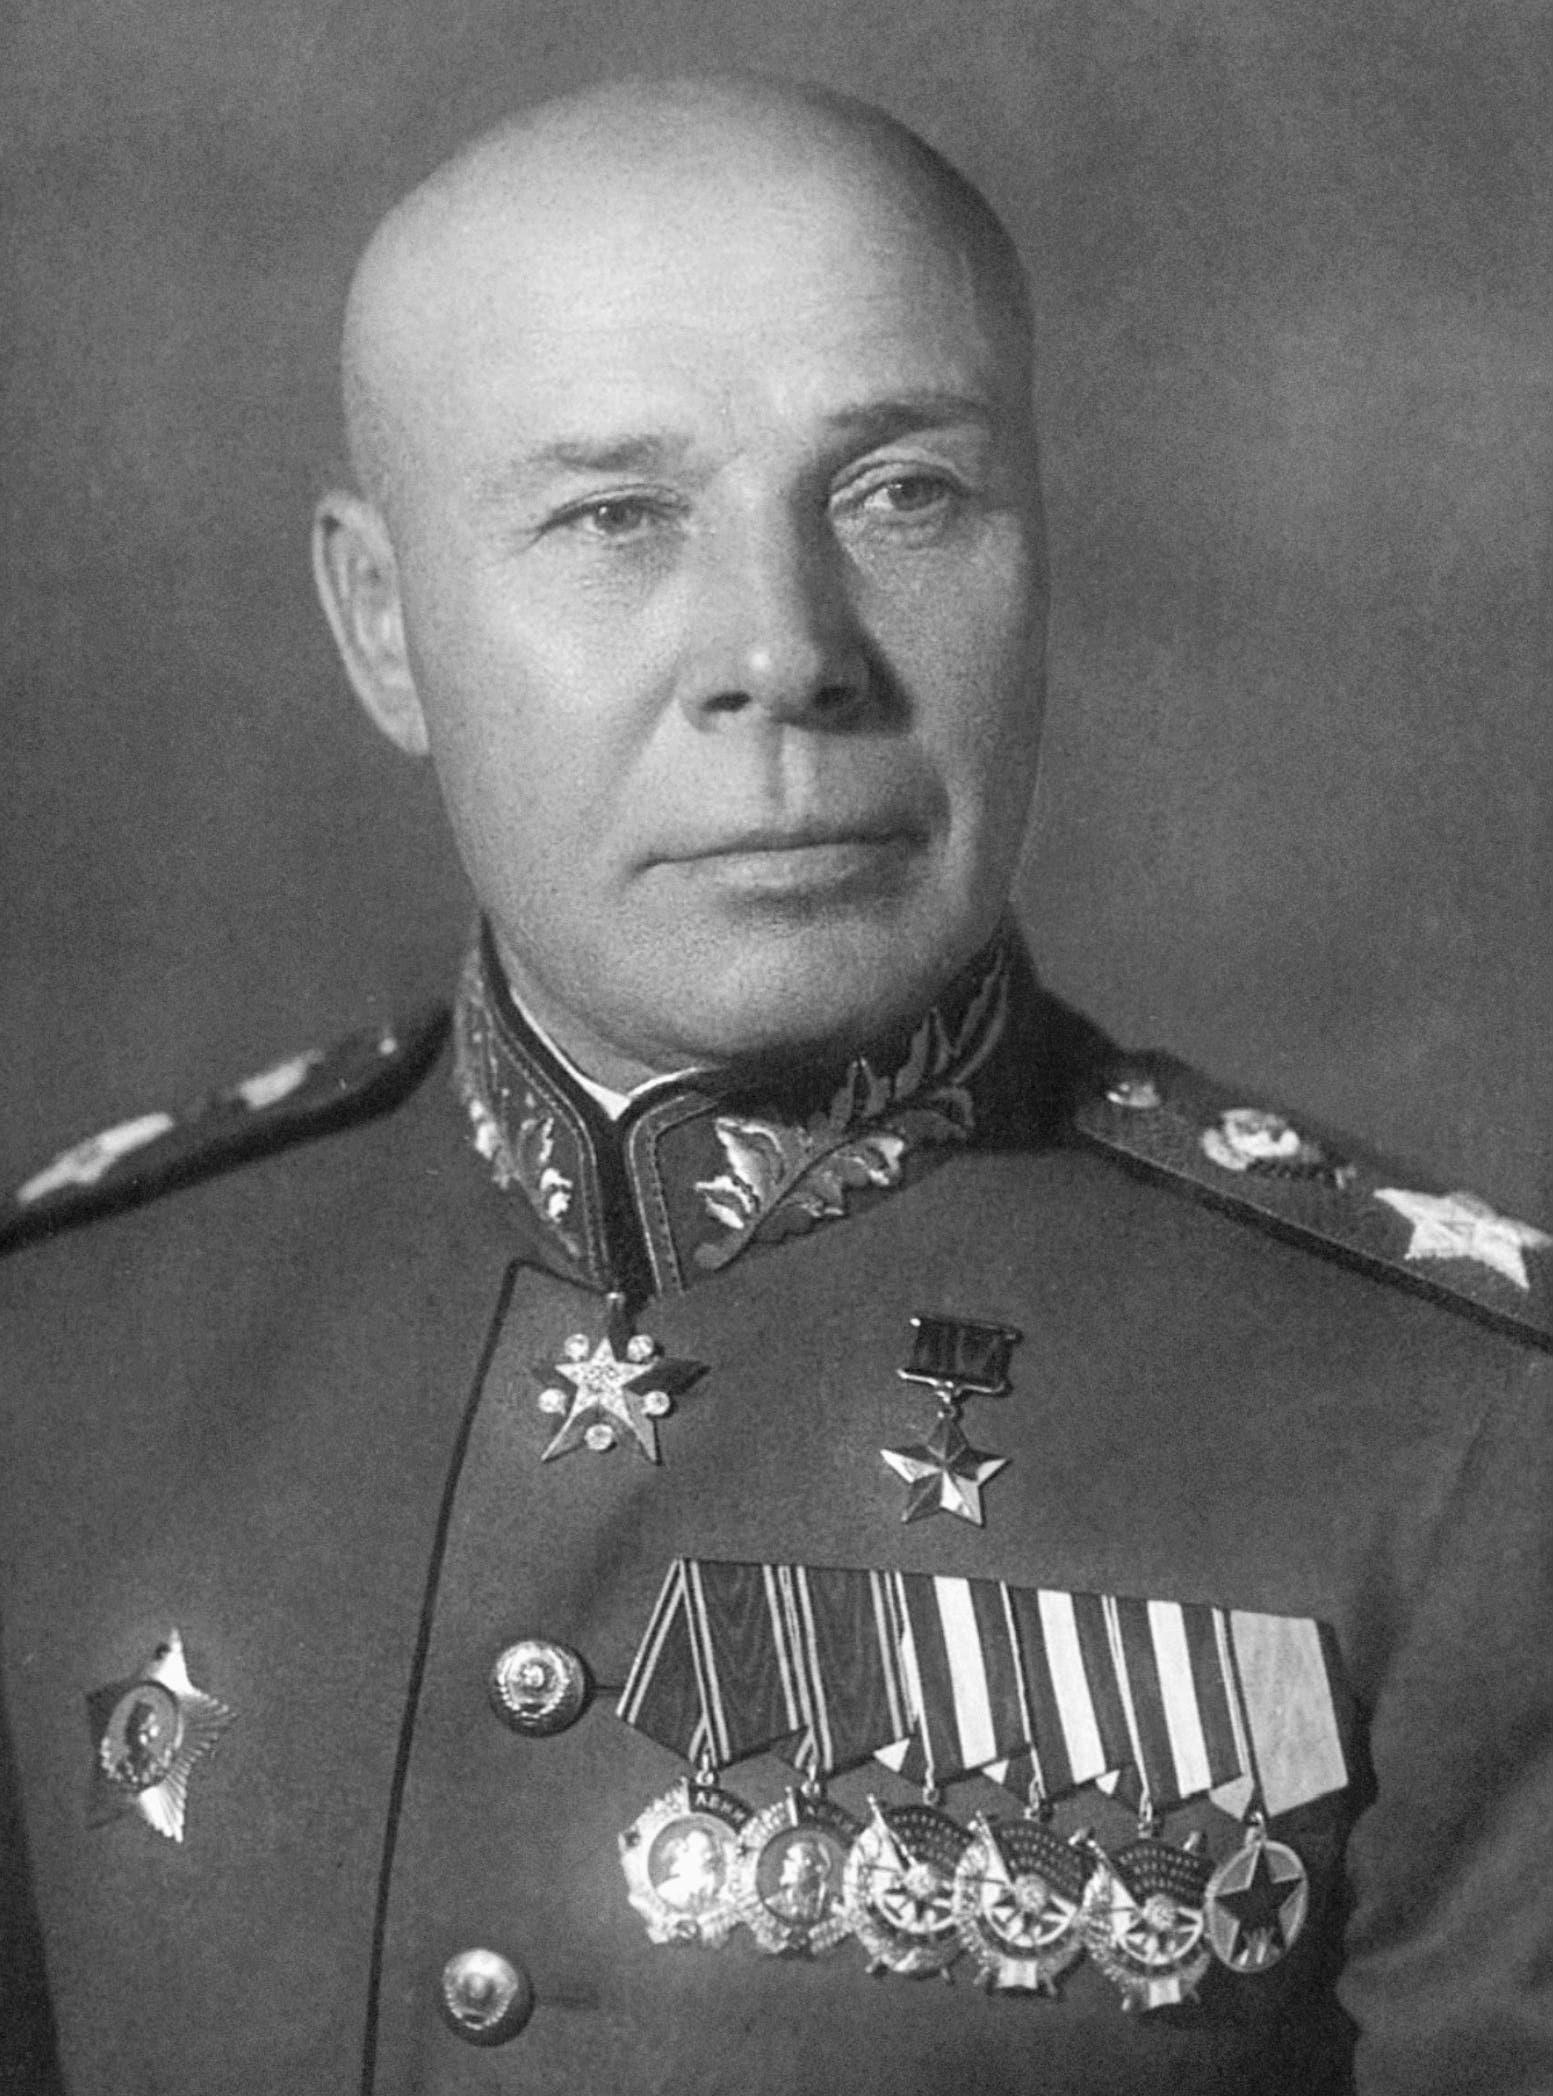 صورة للمارشال السوفيتي سيميون تيموشينكو